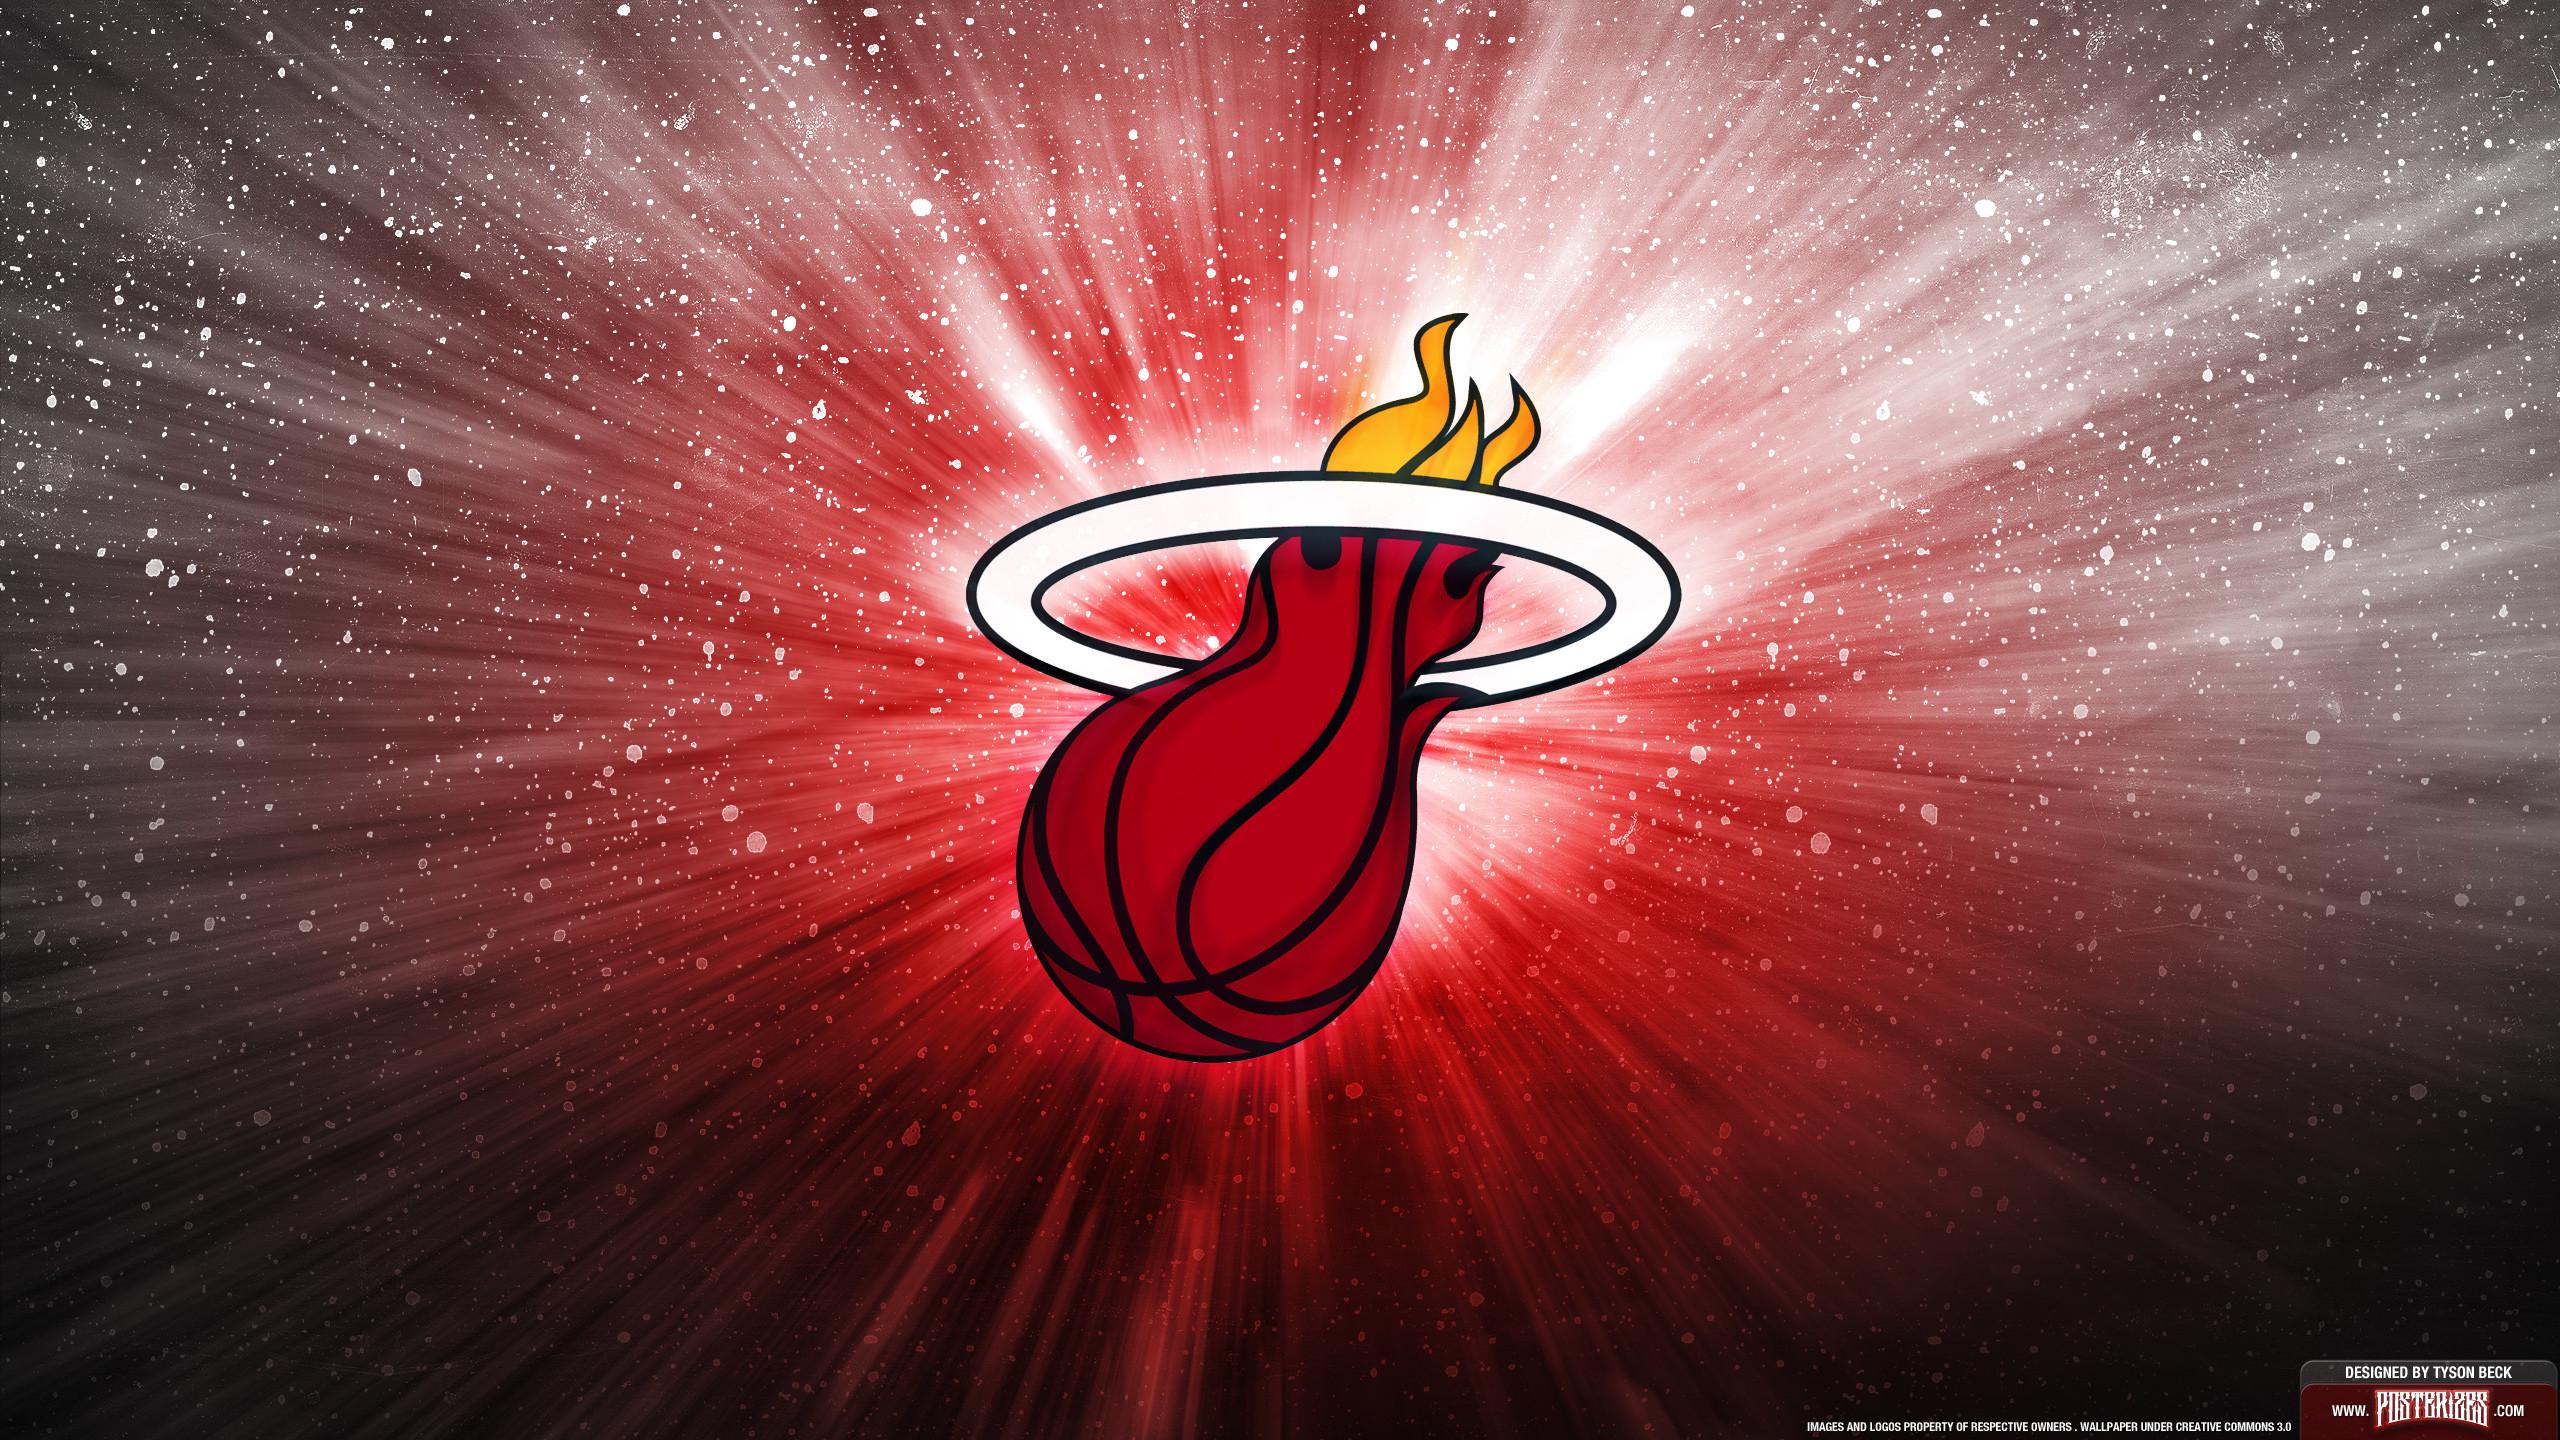 Miami heat logo and NBA